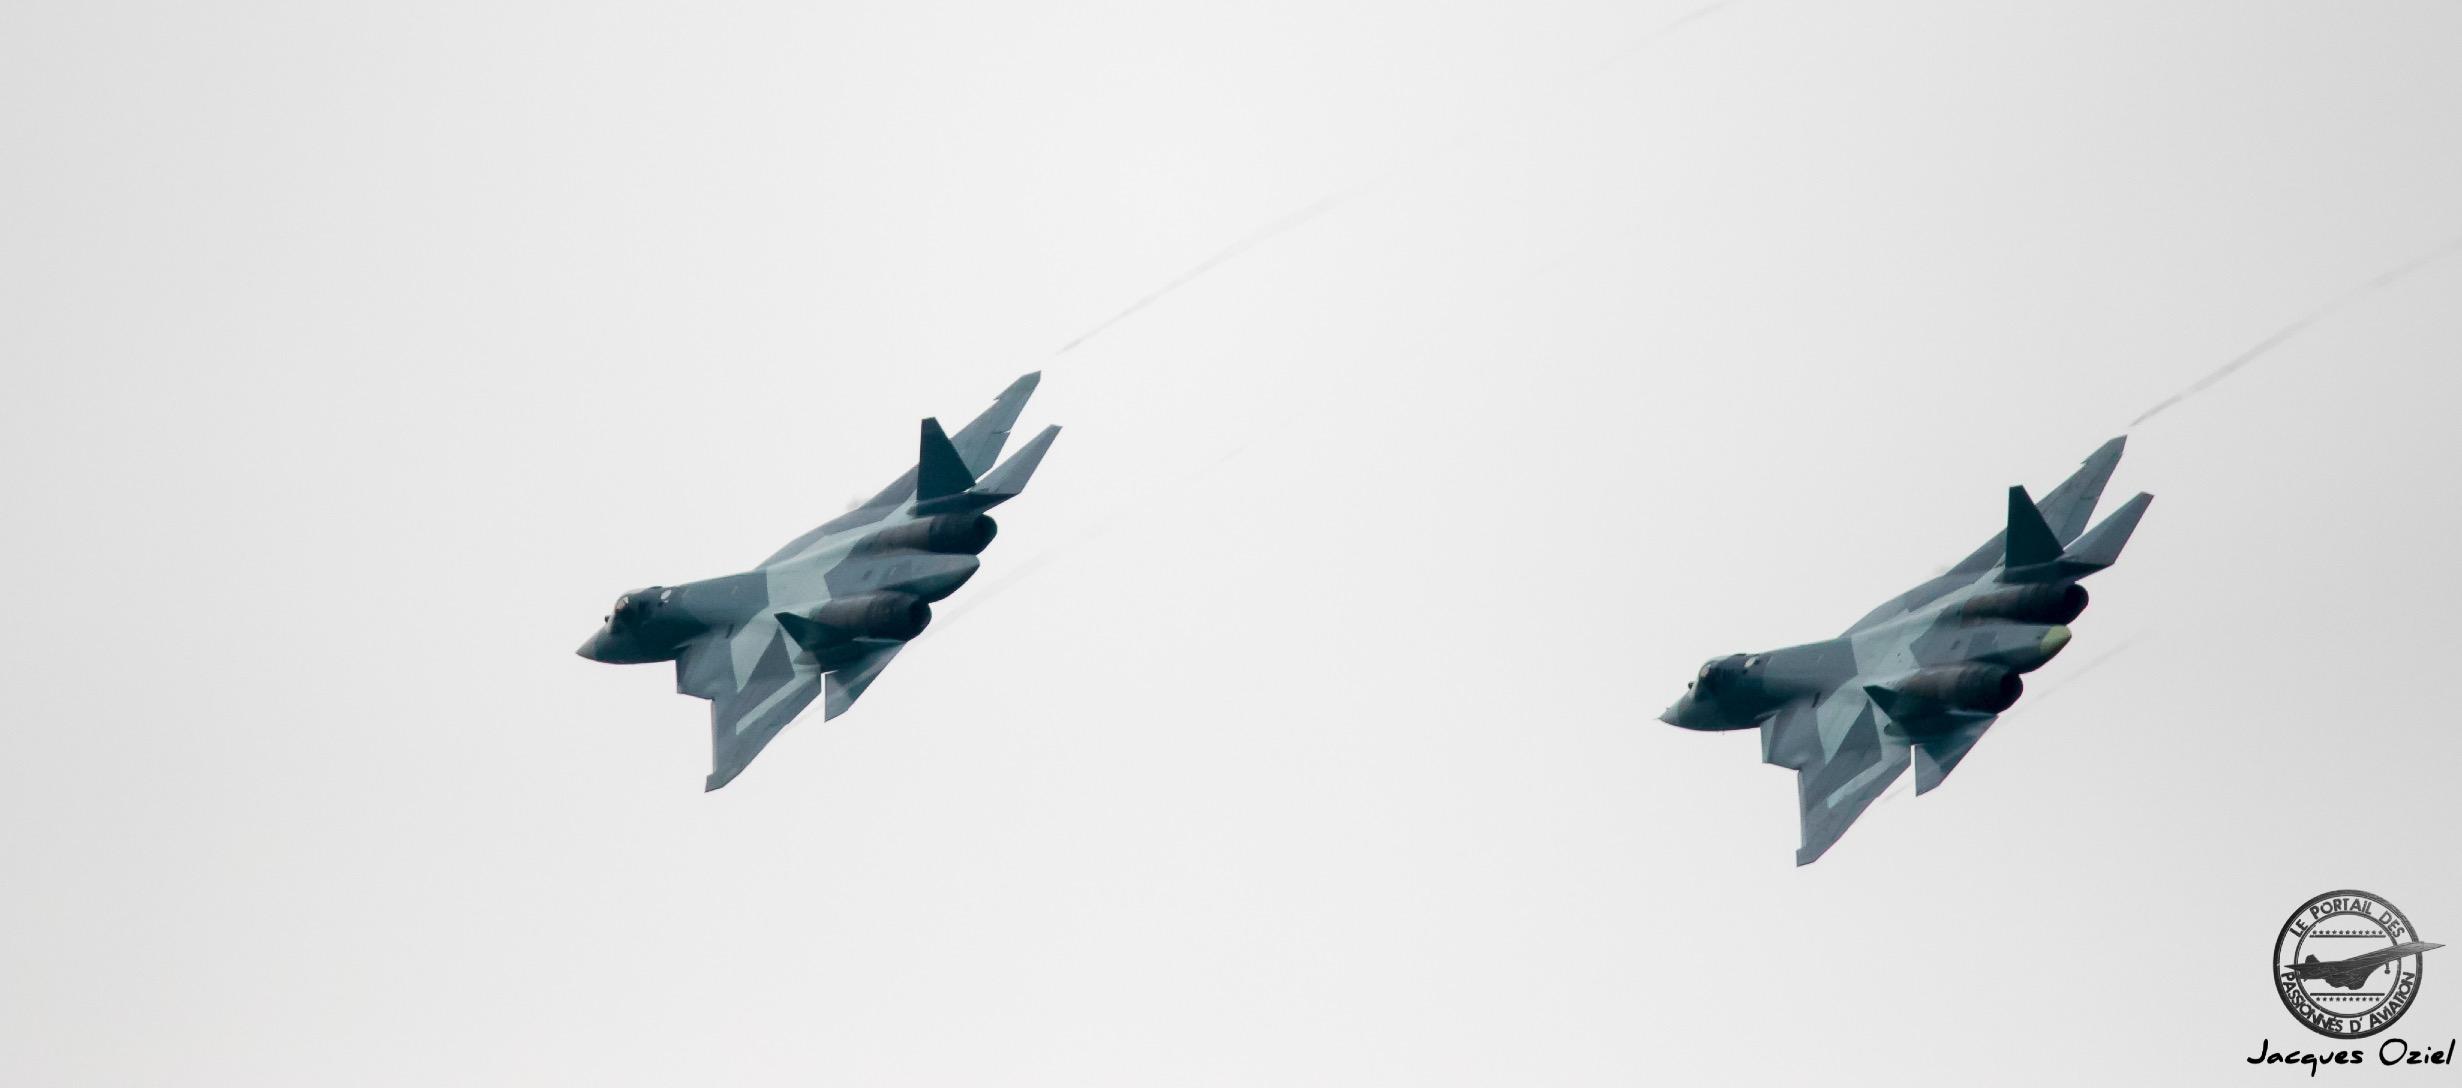 PAK-FA T-50, prototypes du Sukhoi Su-57 chasseur russe de 5° génération